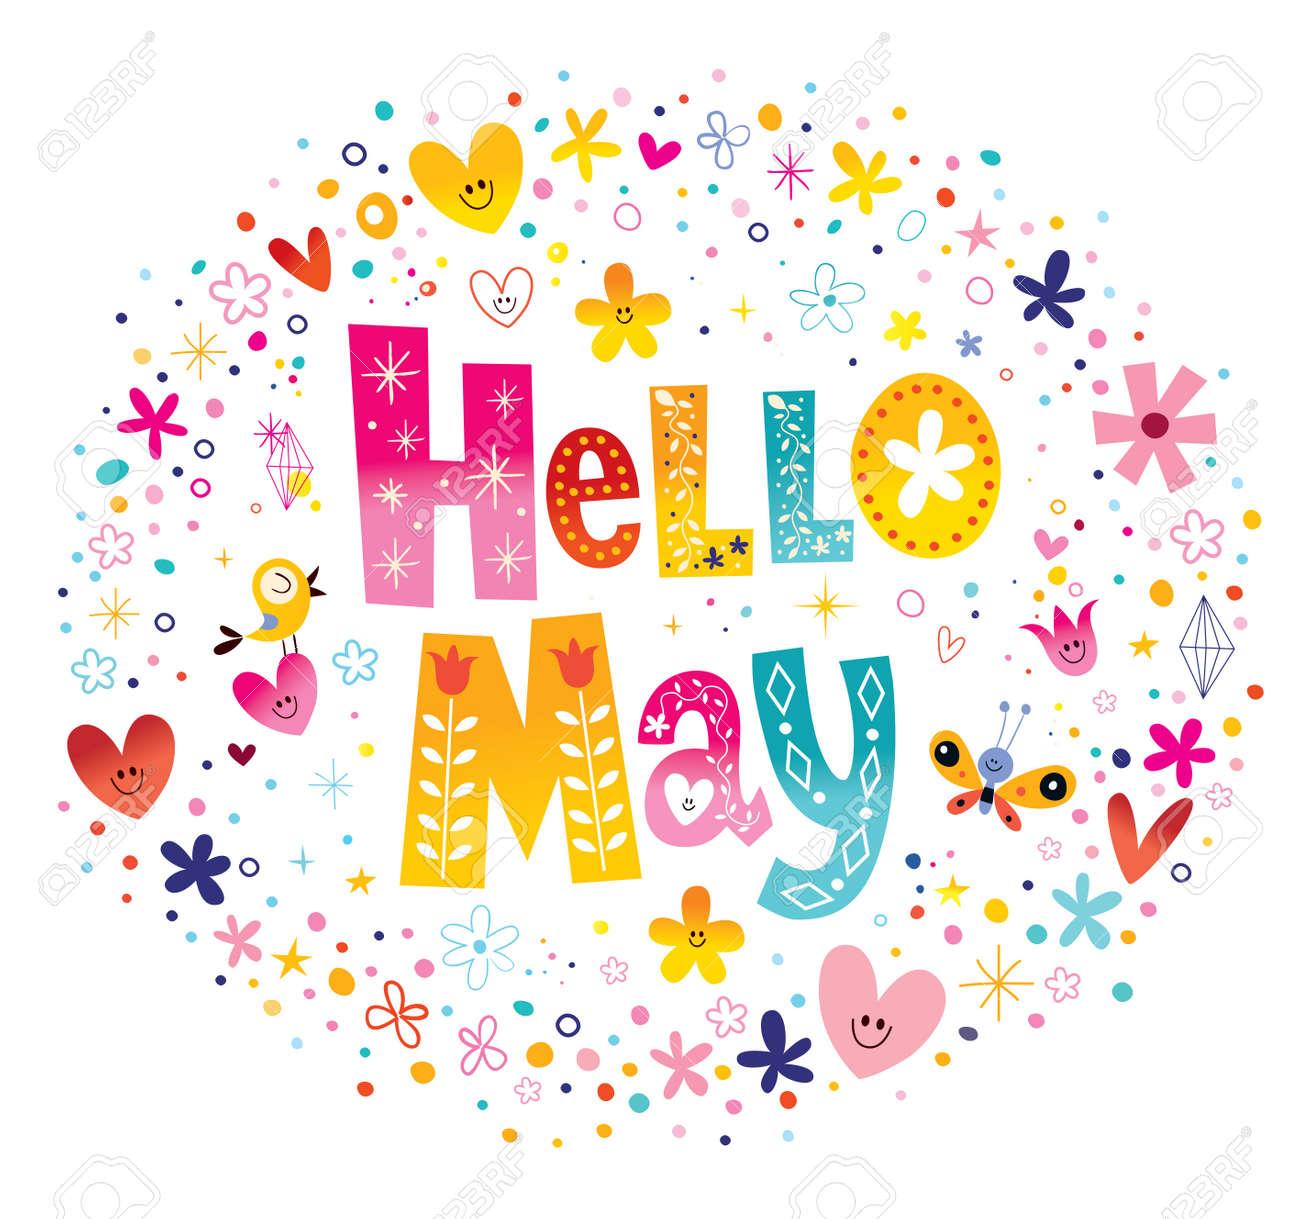 こんにちは 5 月の花と心の春デザインのユニークなレタリングのイラスト